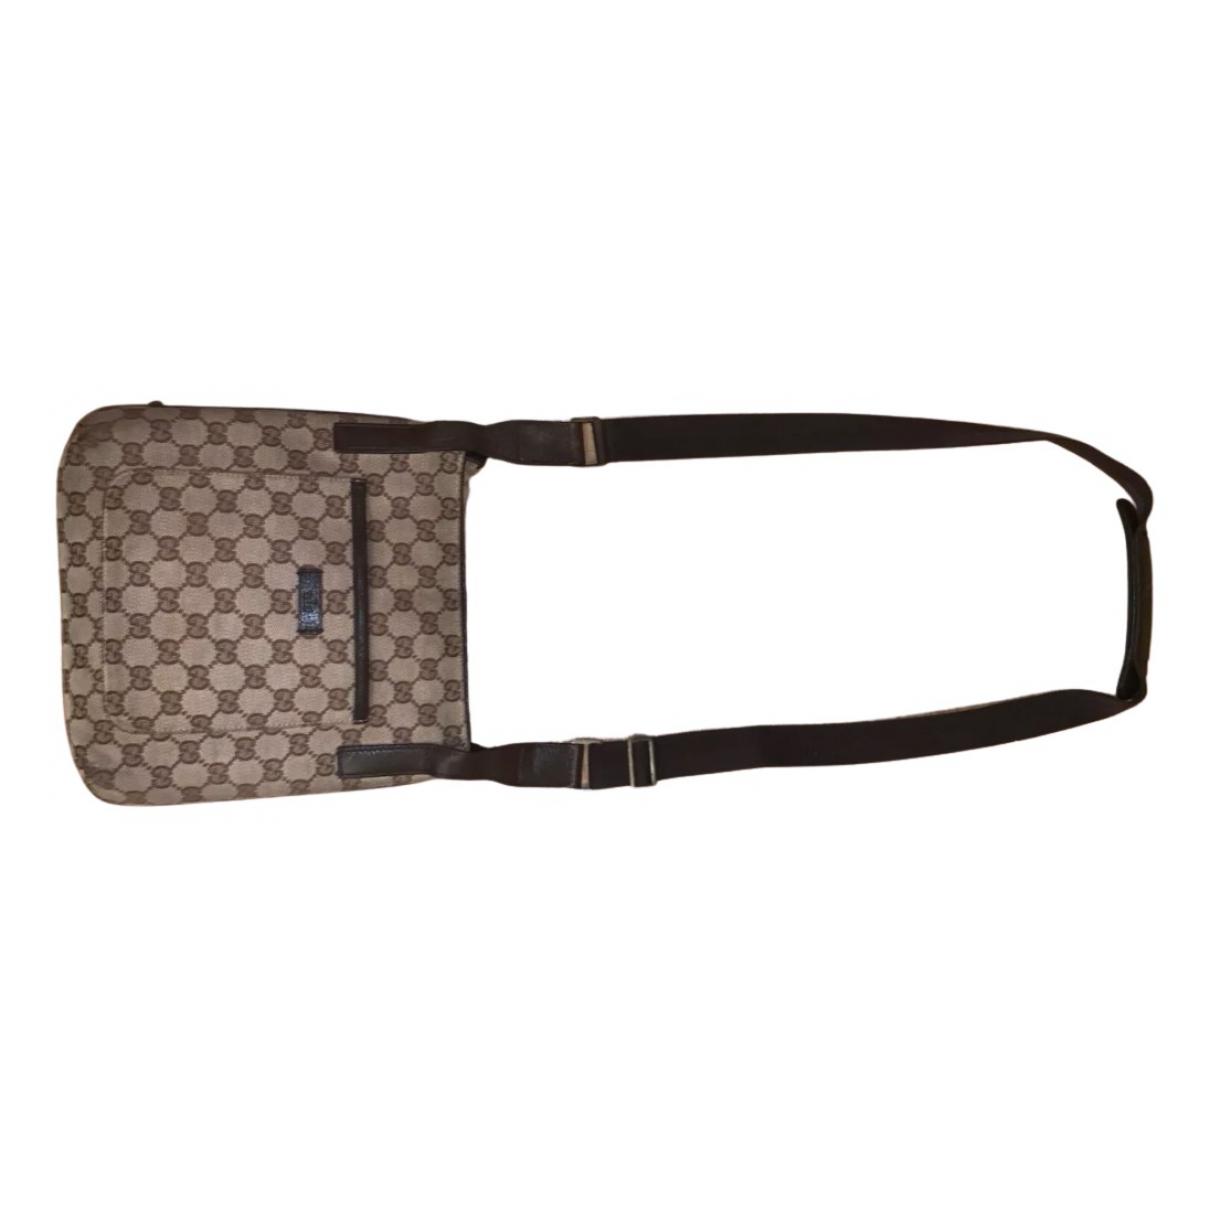 Gucci N Cloth handbag for Women N